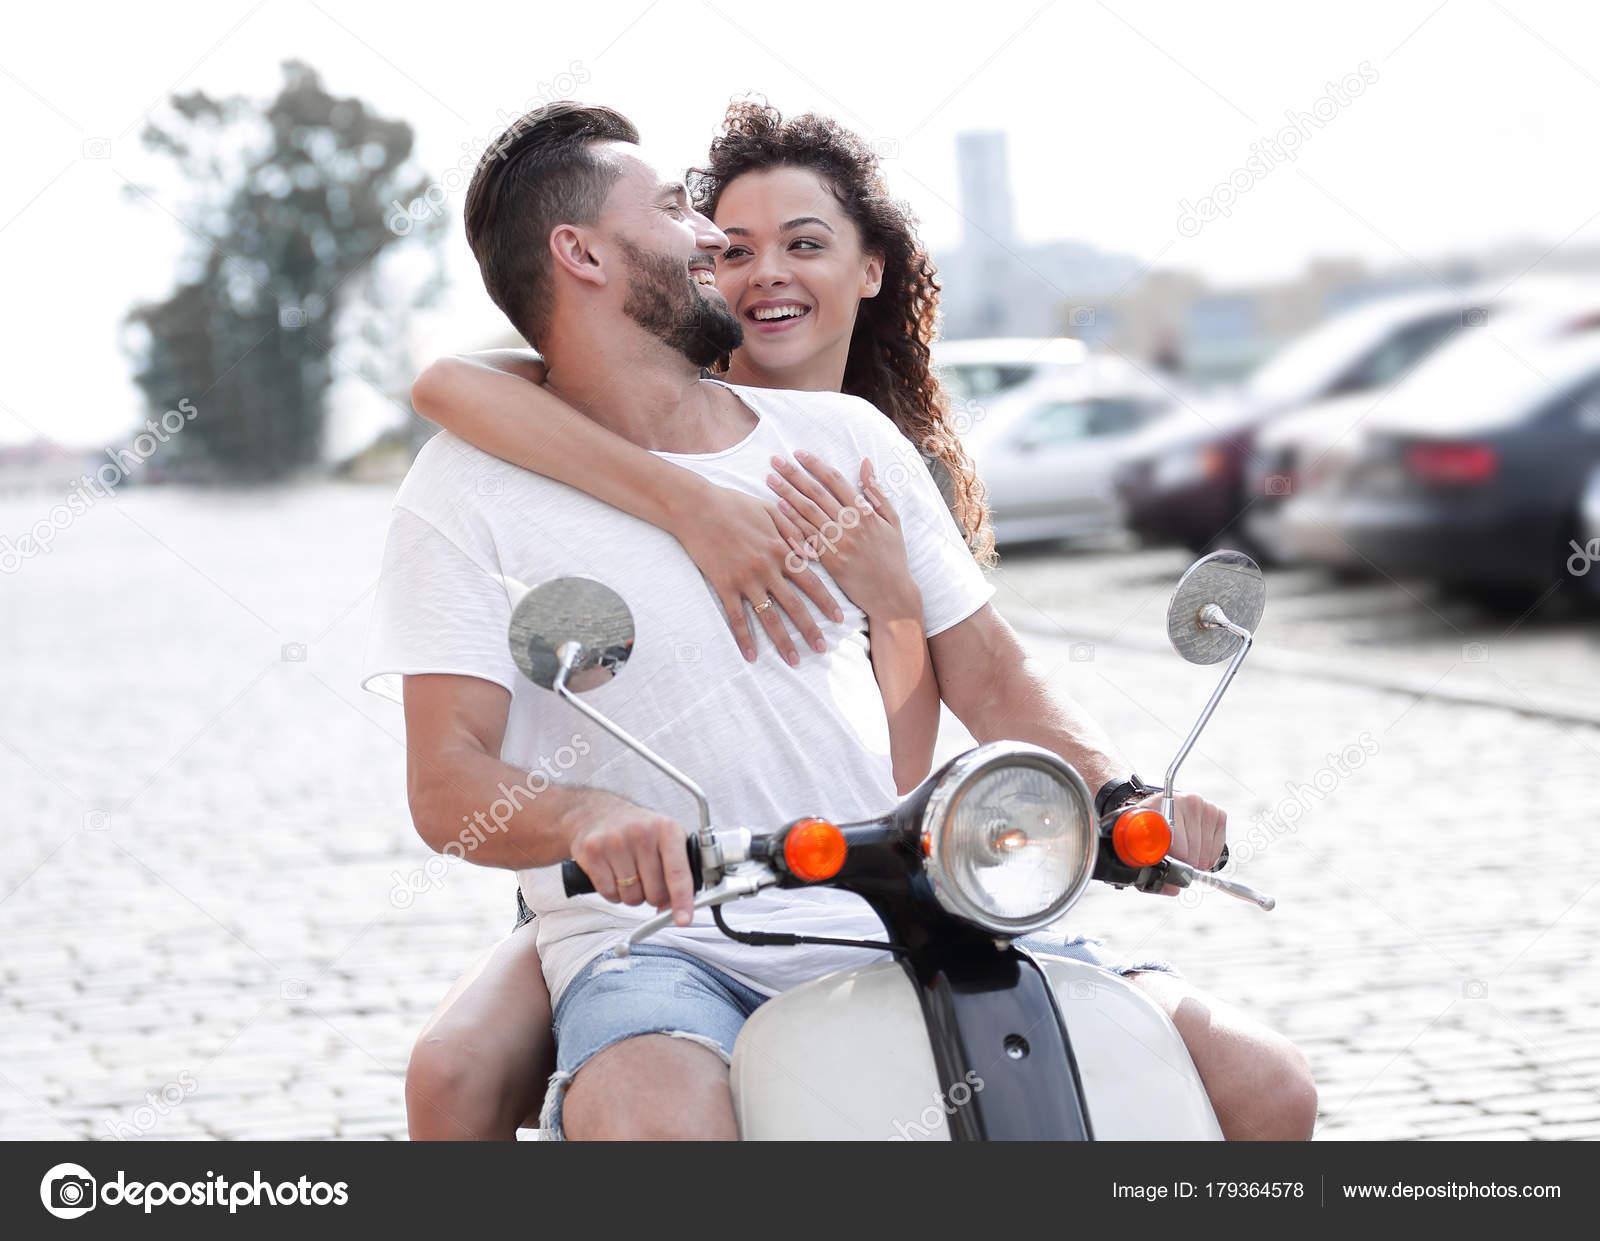 1c0b8cf587a Feliz pareja joven montando una moto en la ciudad en un día soleado — Foto  de